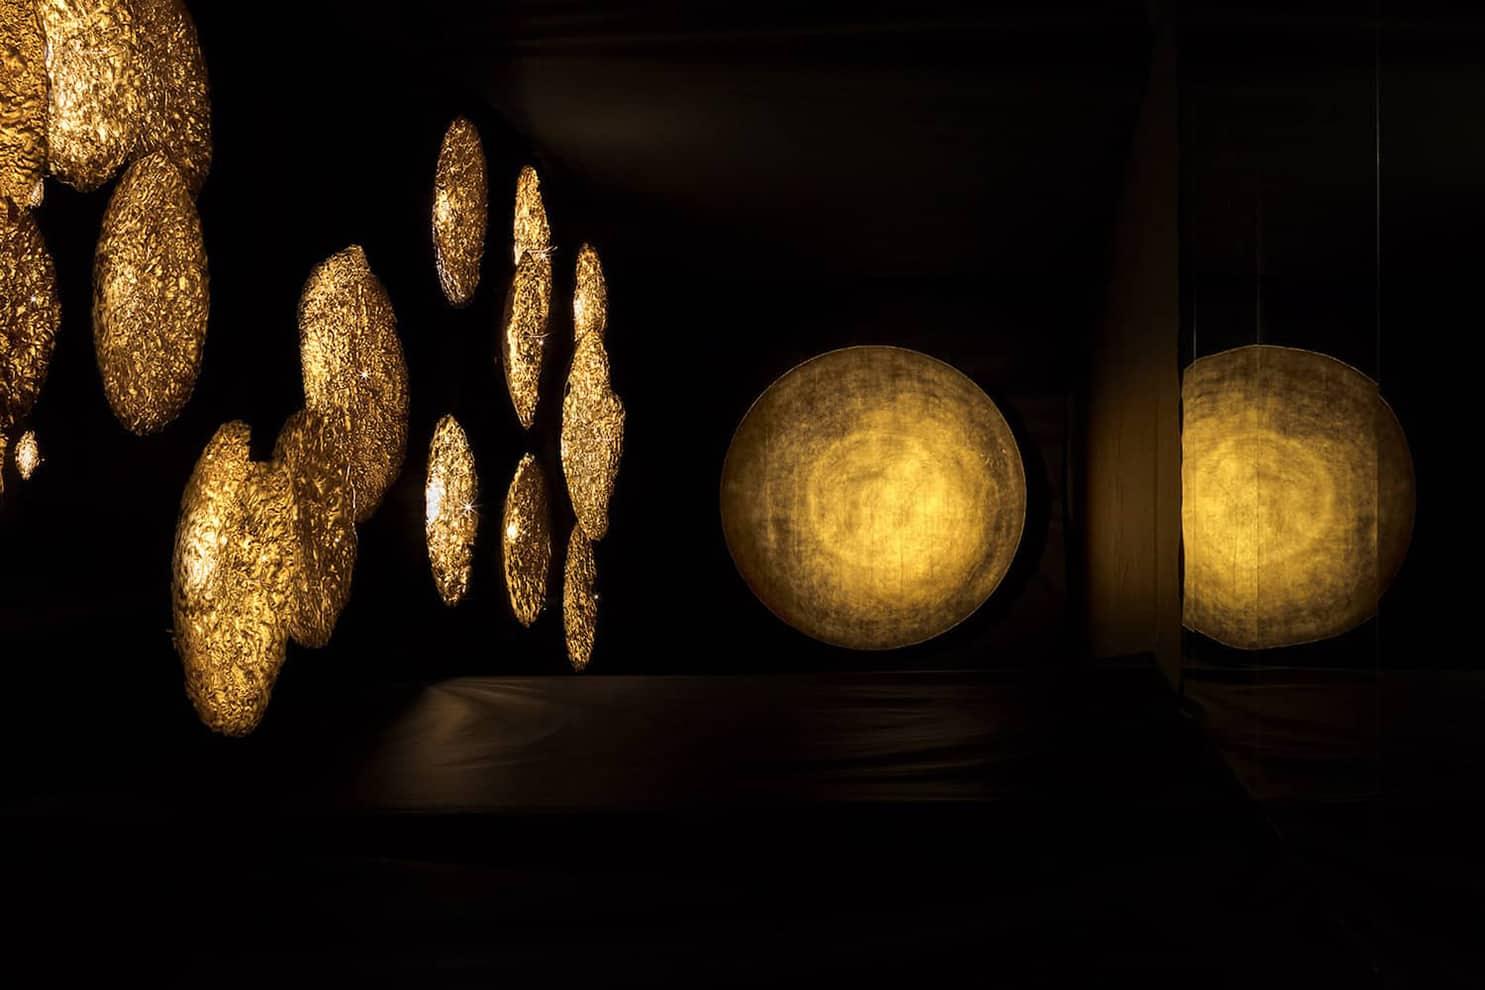 Milan Design Week 2017, Via Ventura dans le quartier de Lambrate - Enzo Catellani révèle sa scénographie de disques revêtus de feuilles d'or, éclairés par des micro-LEDs qui s'alternent en différentes hauteurs et dimensions. Il rend hommage au soleil et à son dialogue permanent avec la chaleur et l'ombre. Soit le luminaire par l'éveil des sens - ©Catellani&Smith